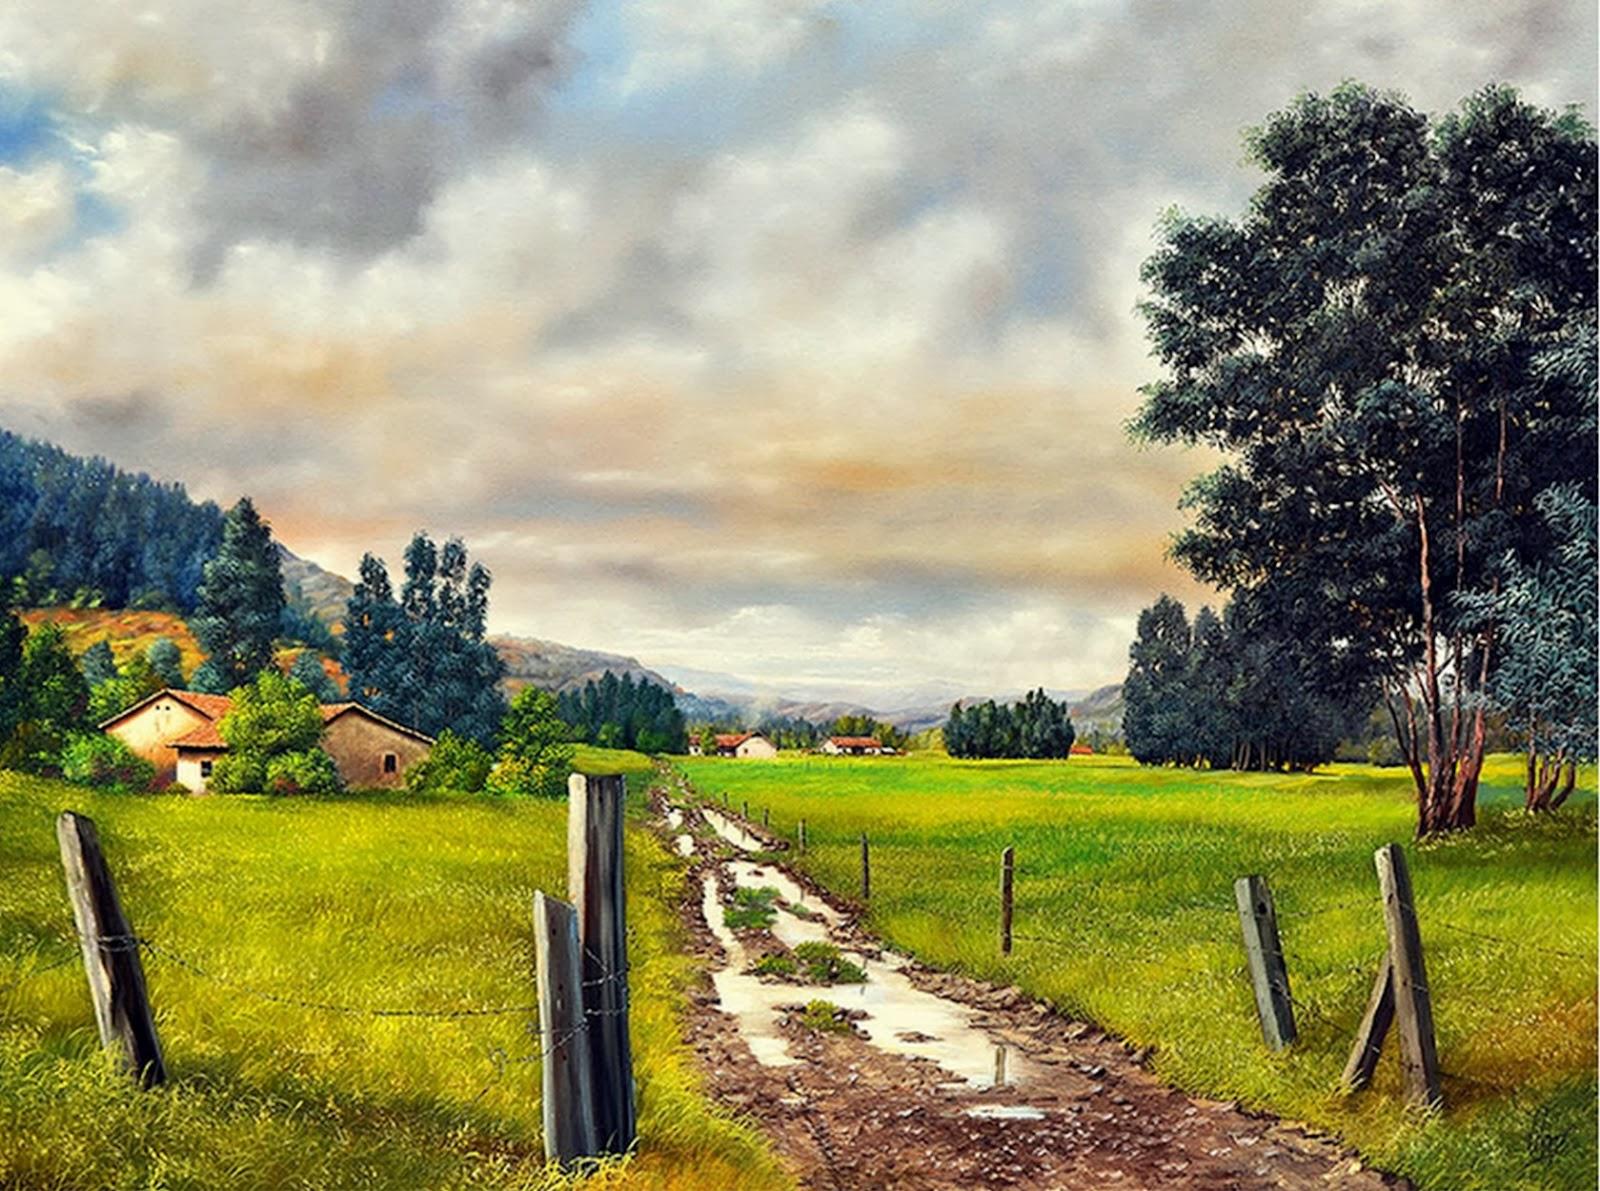 paisajes-campesinos-oleo